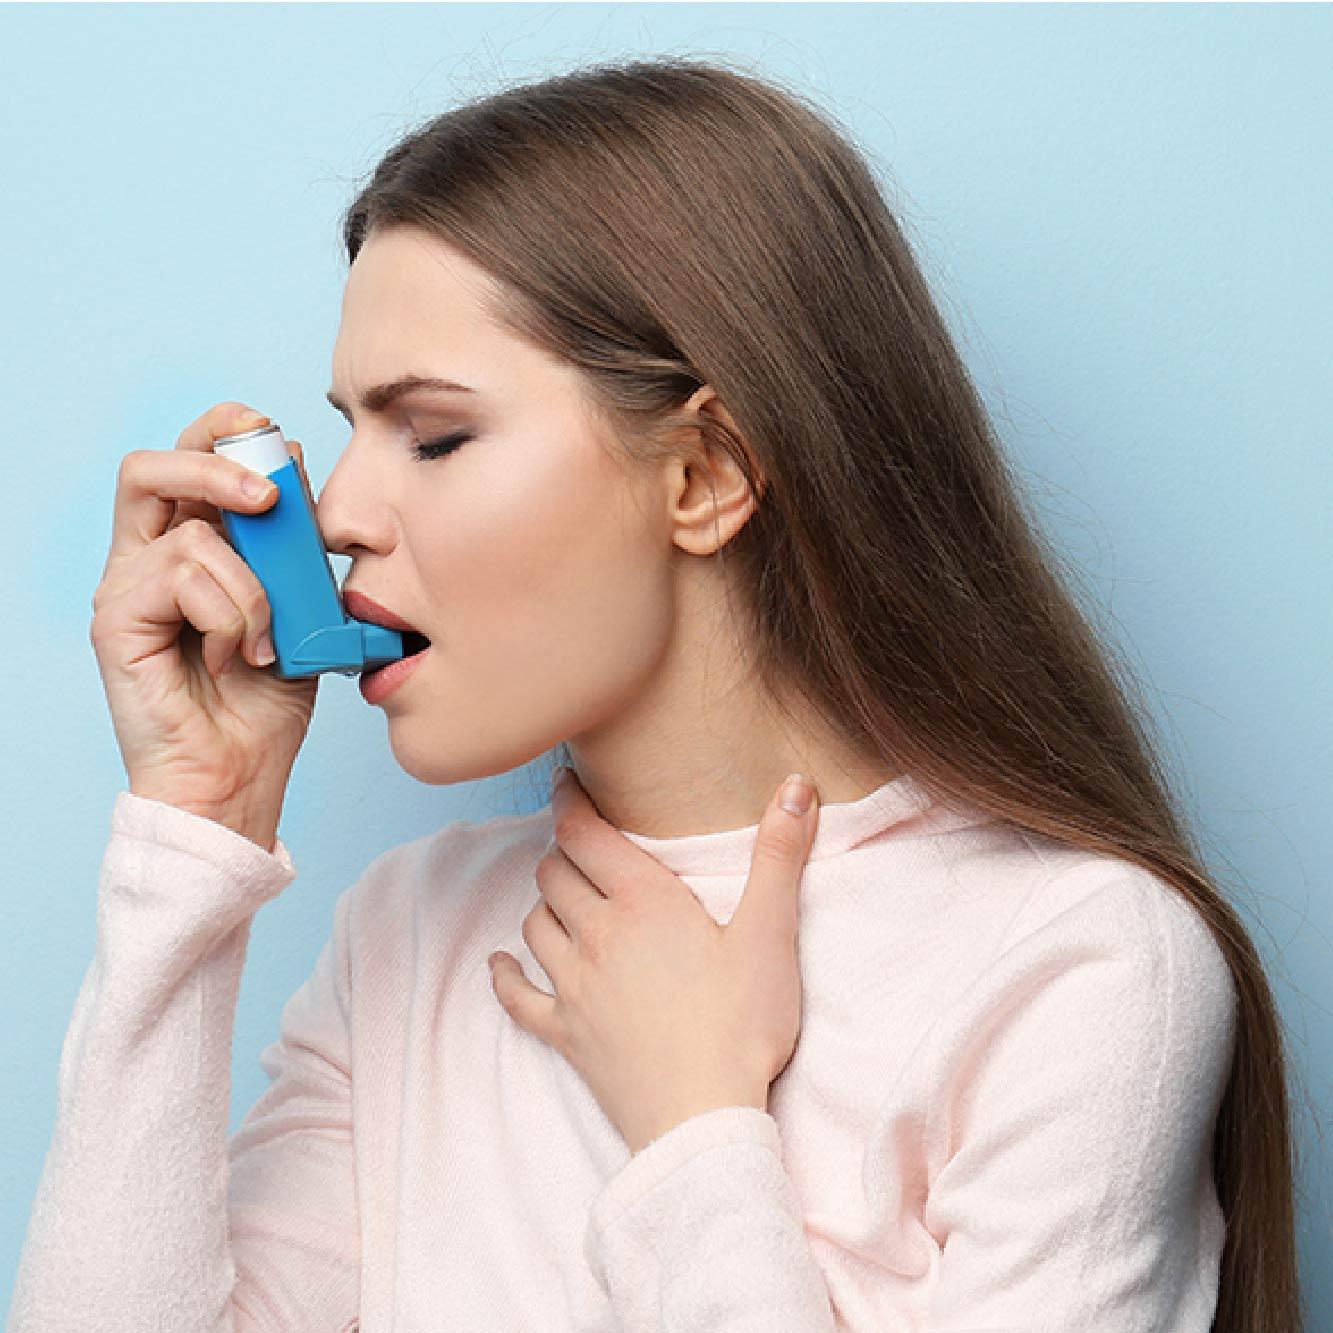 Аллергия: приговор или нет?